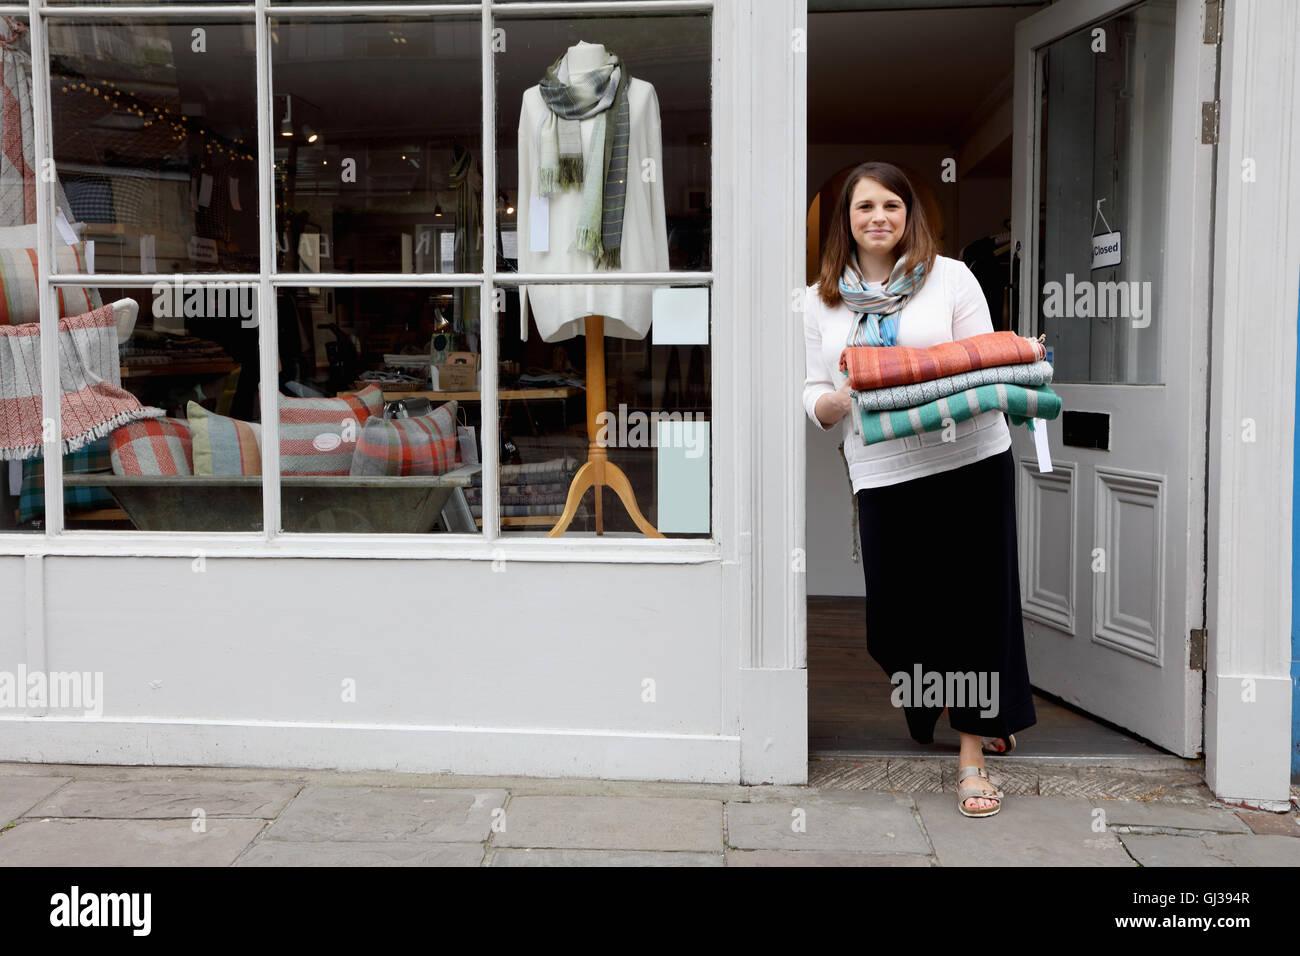 Propriétaire de boutique de tissu holding porte Photo Stock